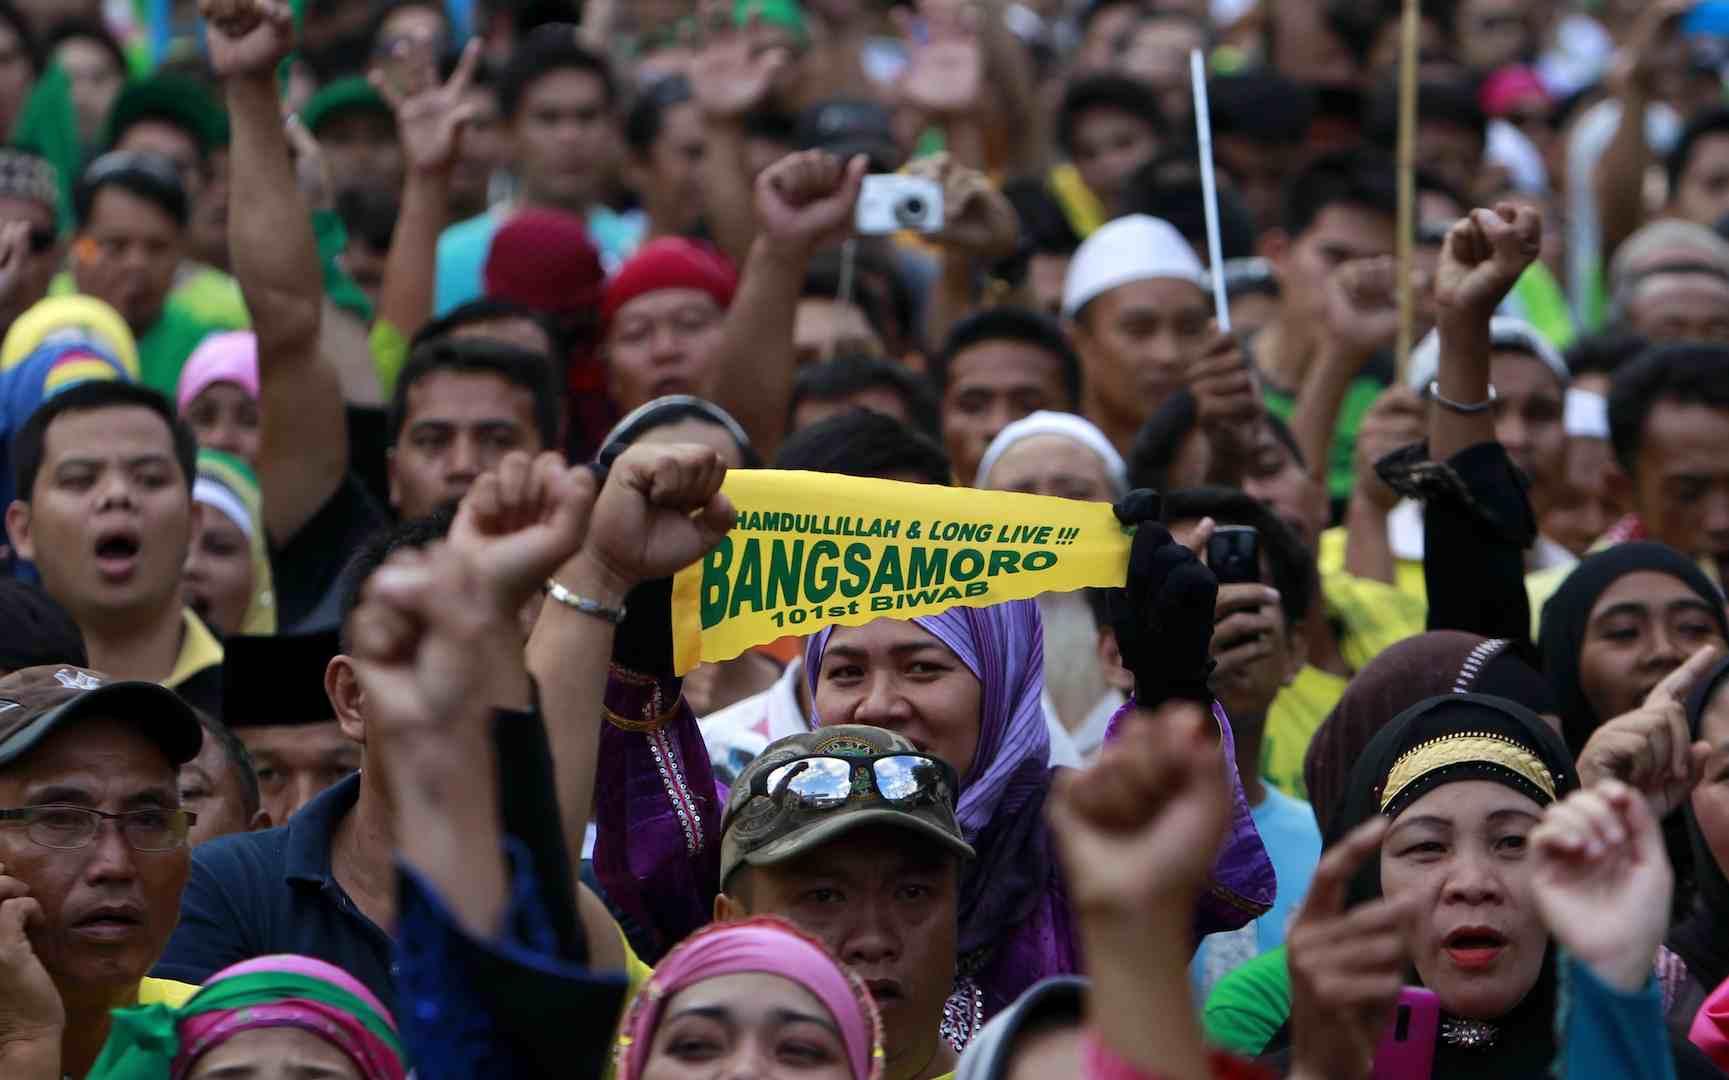 Otonomi Bangsamoro Dinilai Untungkan Muslim Mindanao